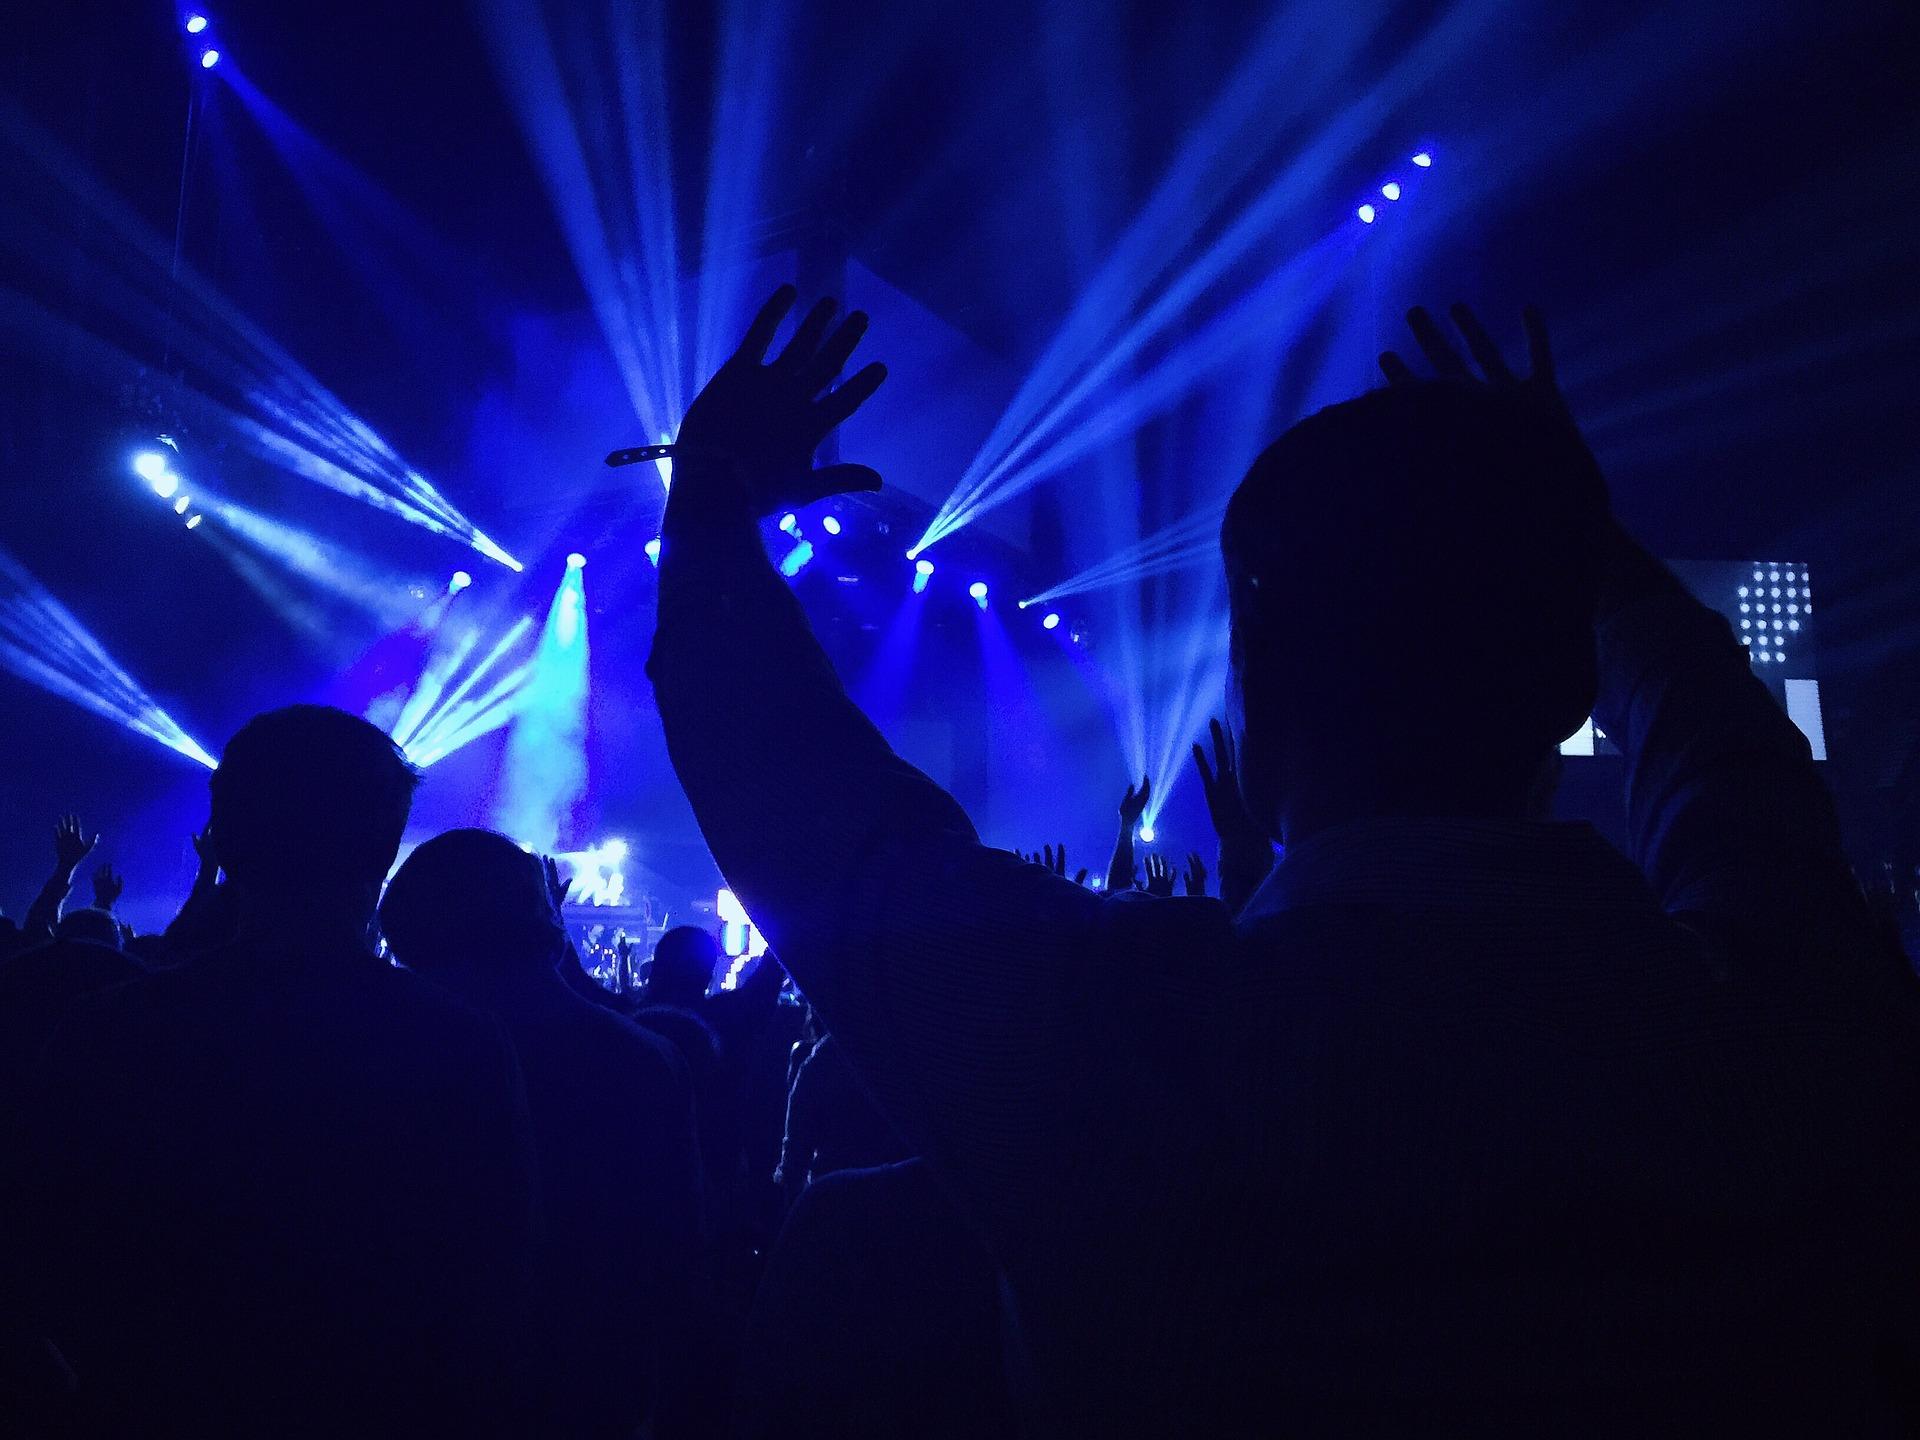 concert-768807_1920